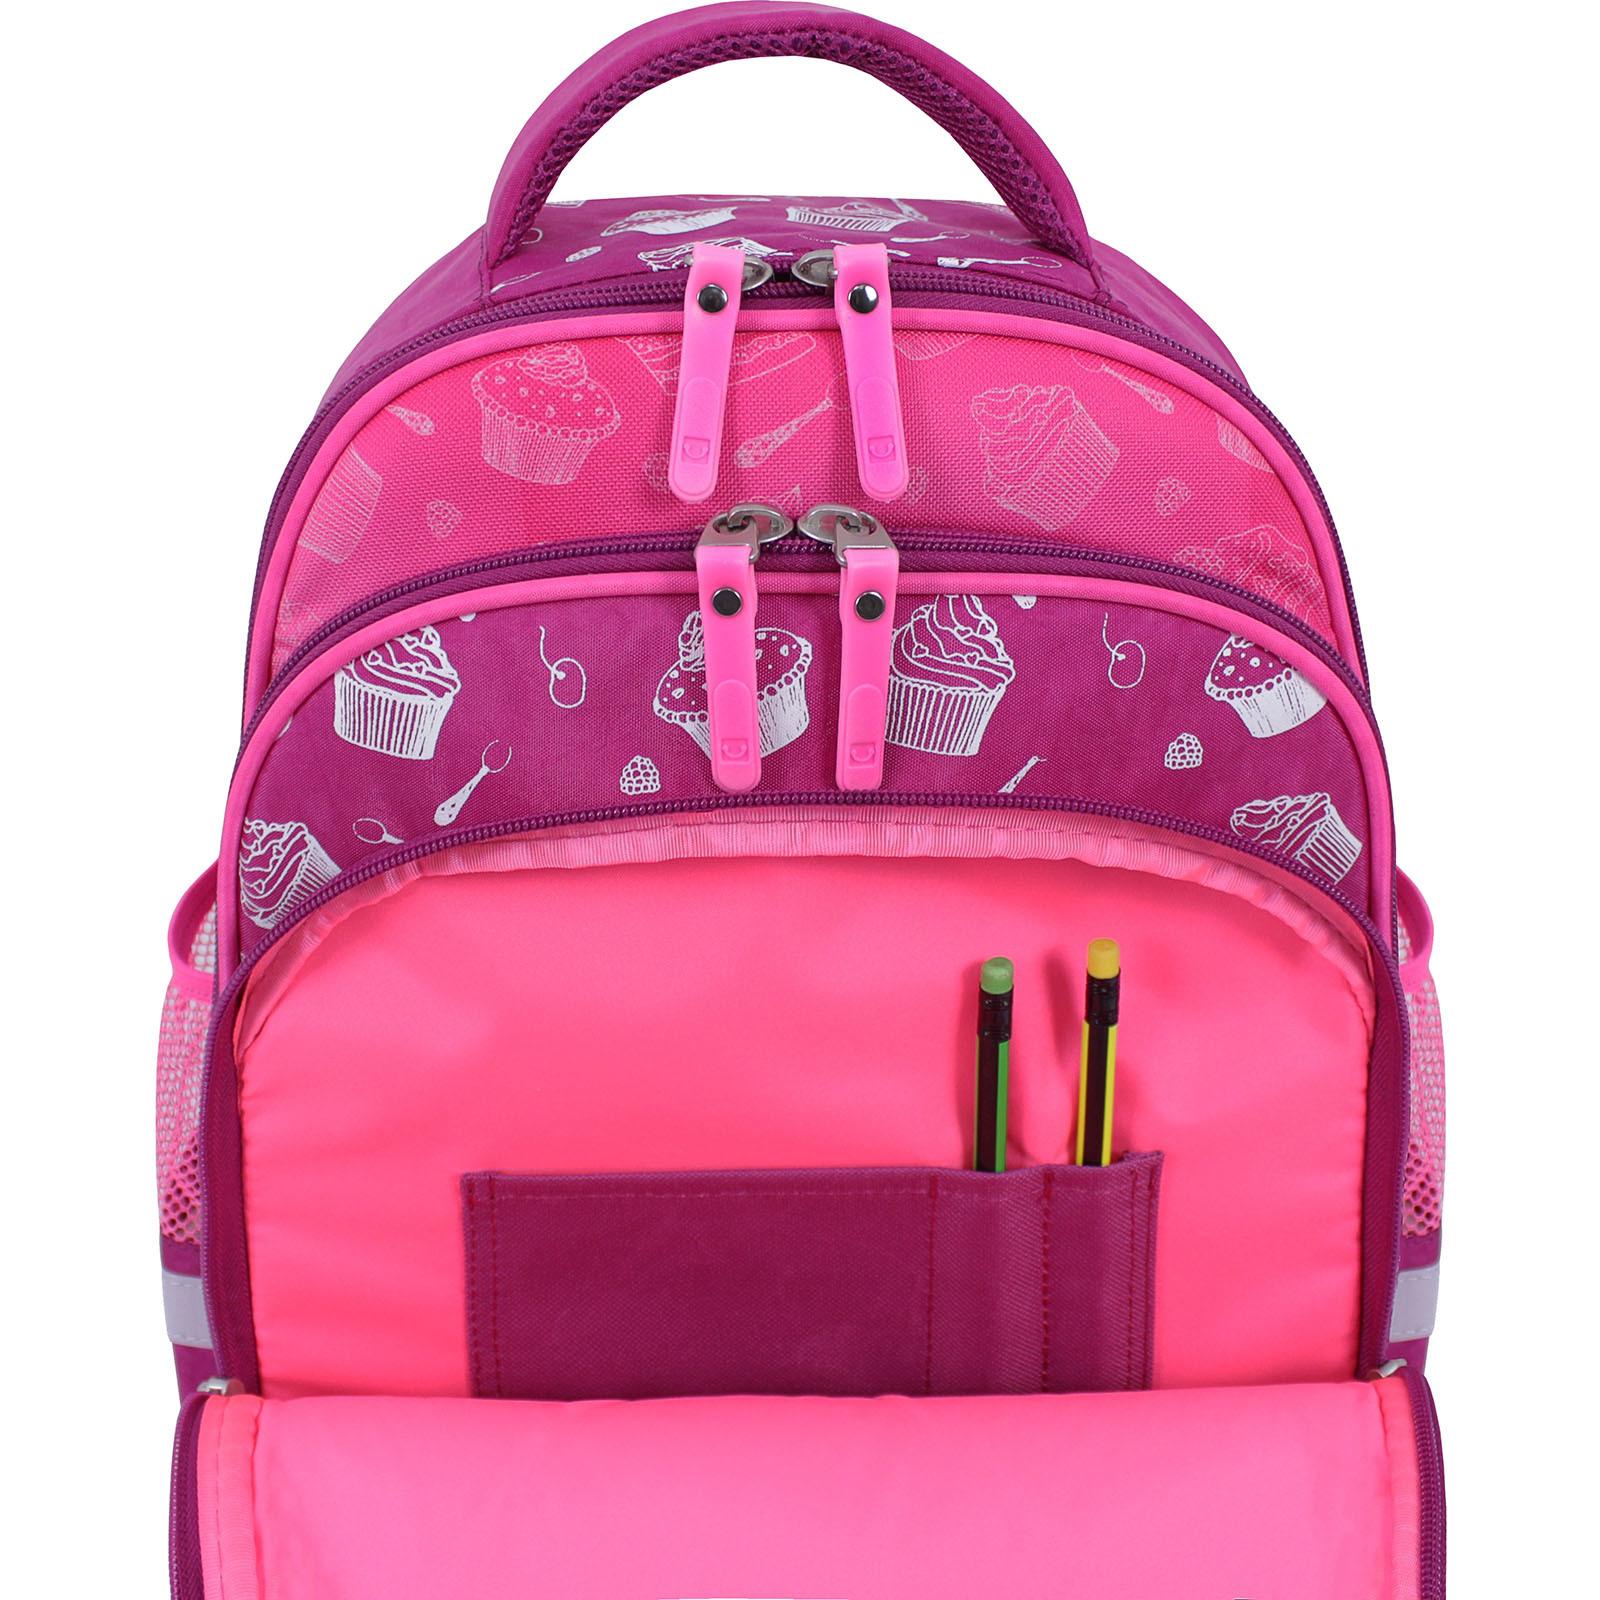 Рюкзак школьный Bagland Mouse 143 малиновый 593 (0051370) фото 5